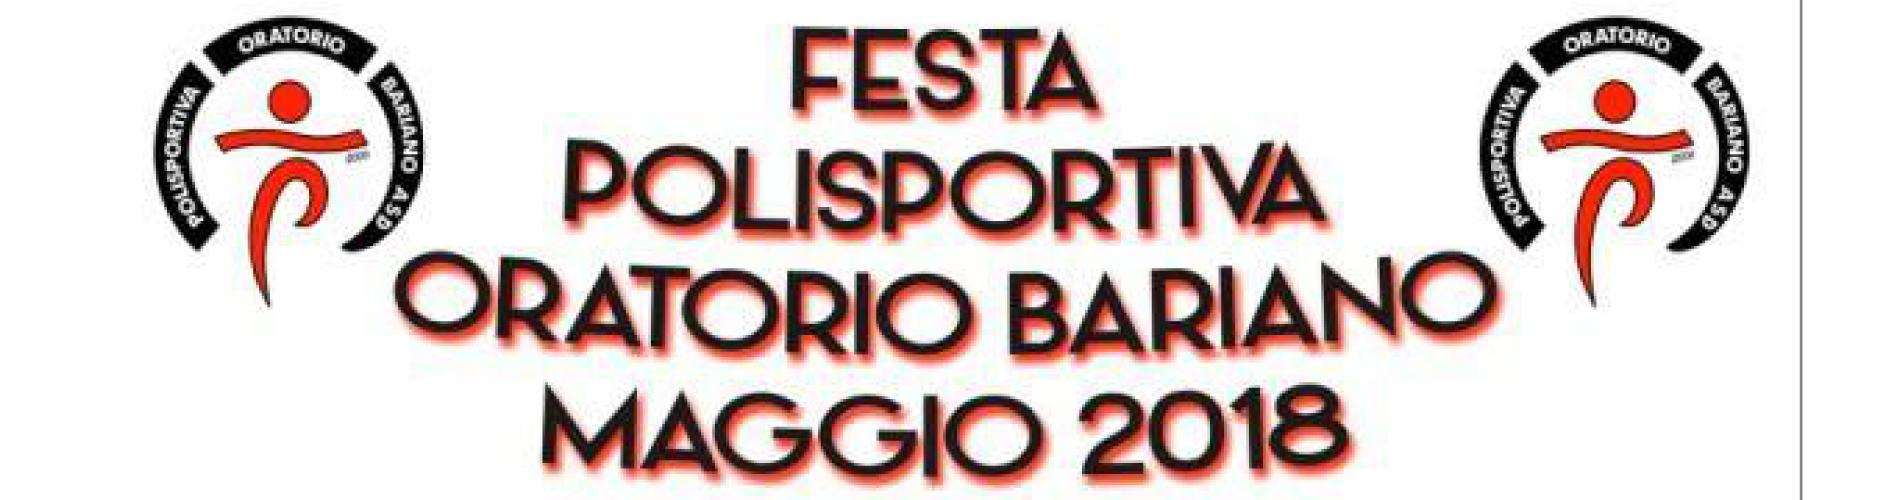 Festa della Polisportiva